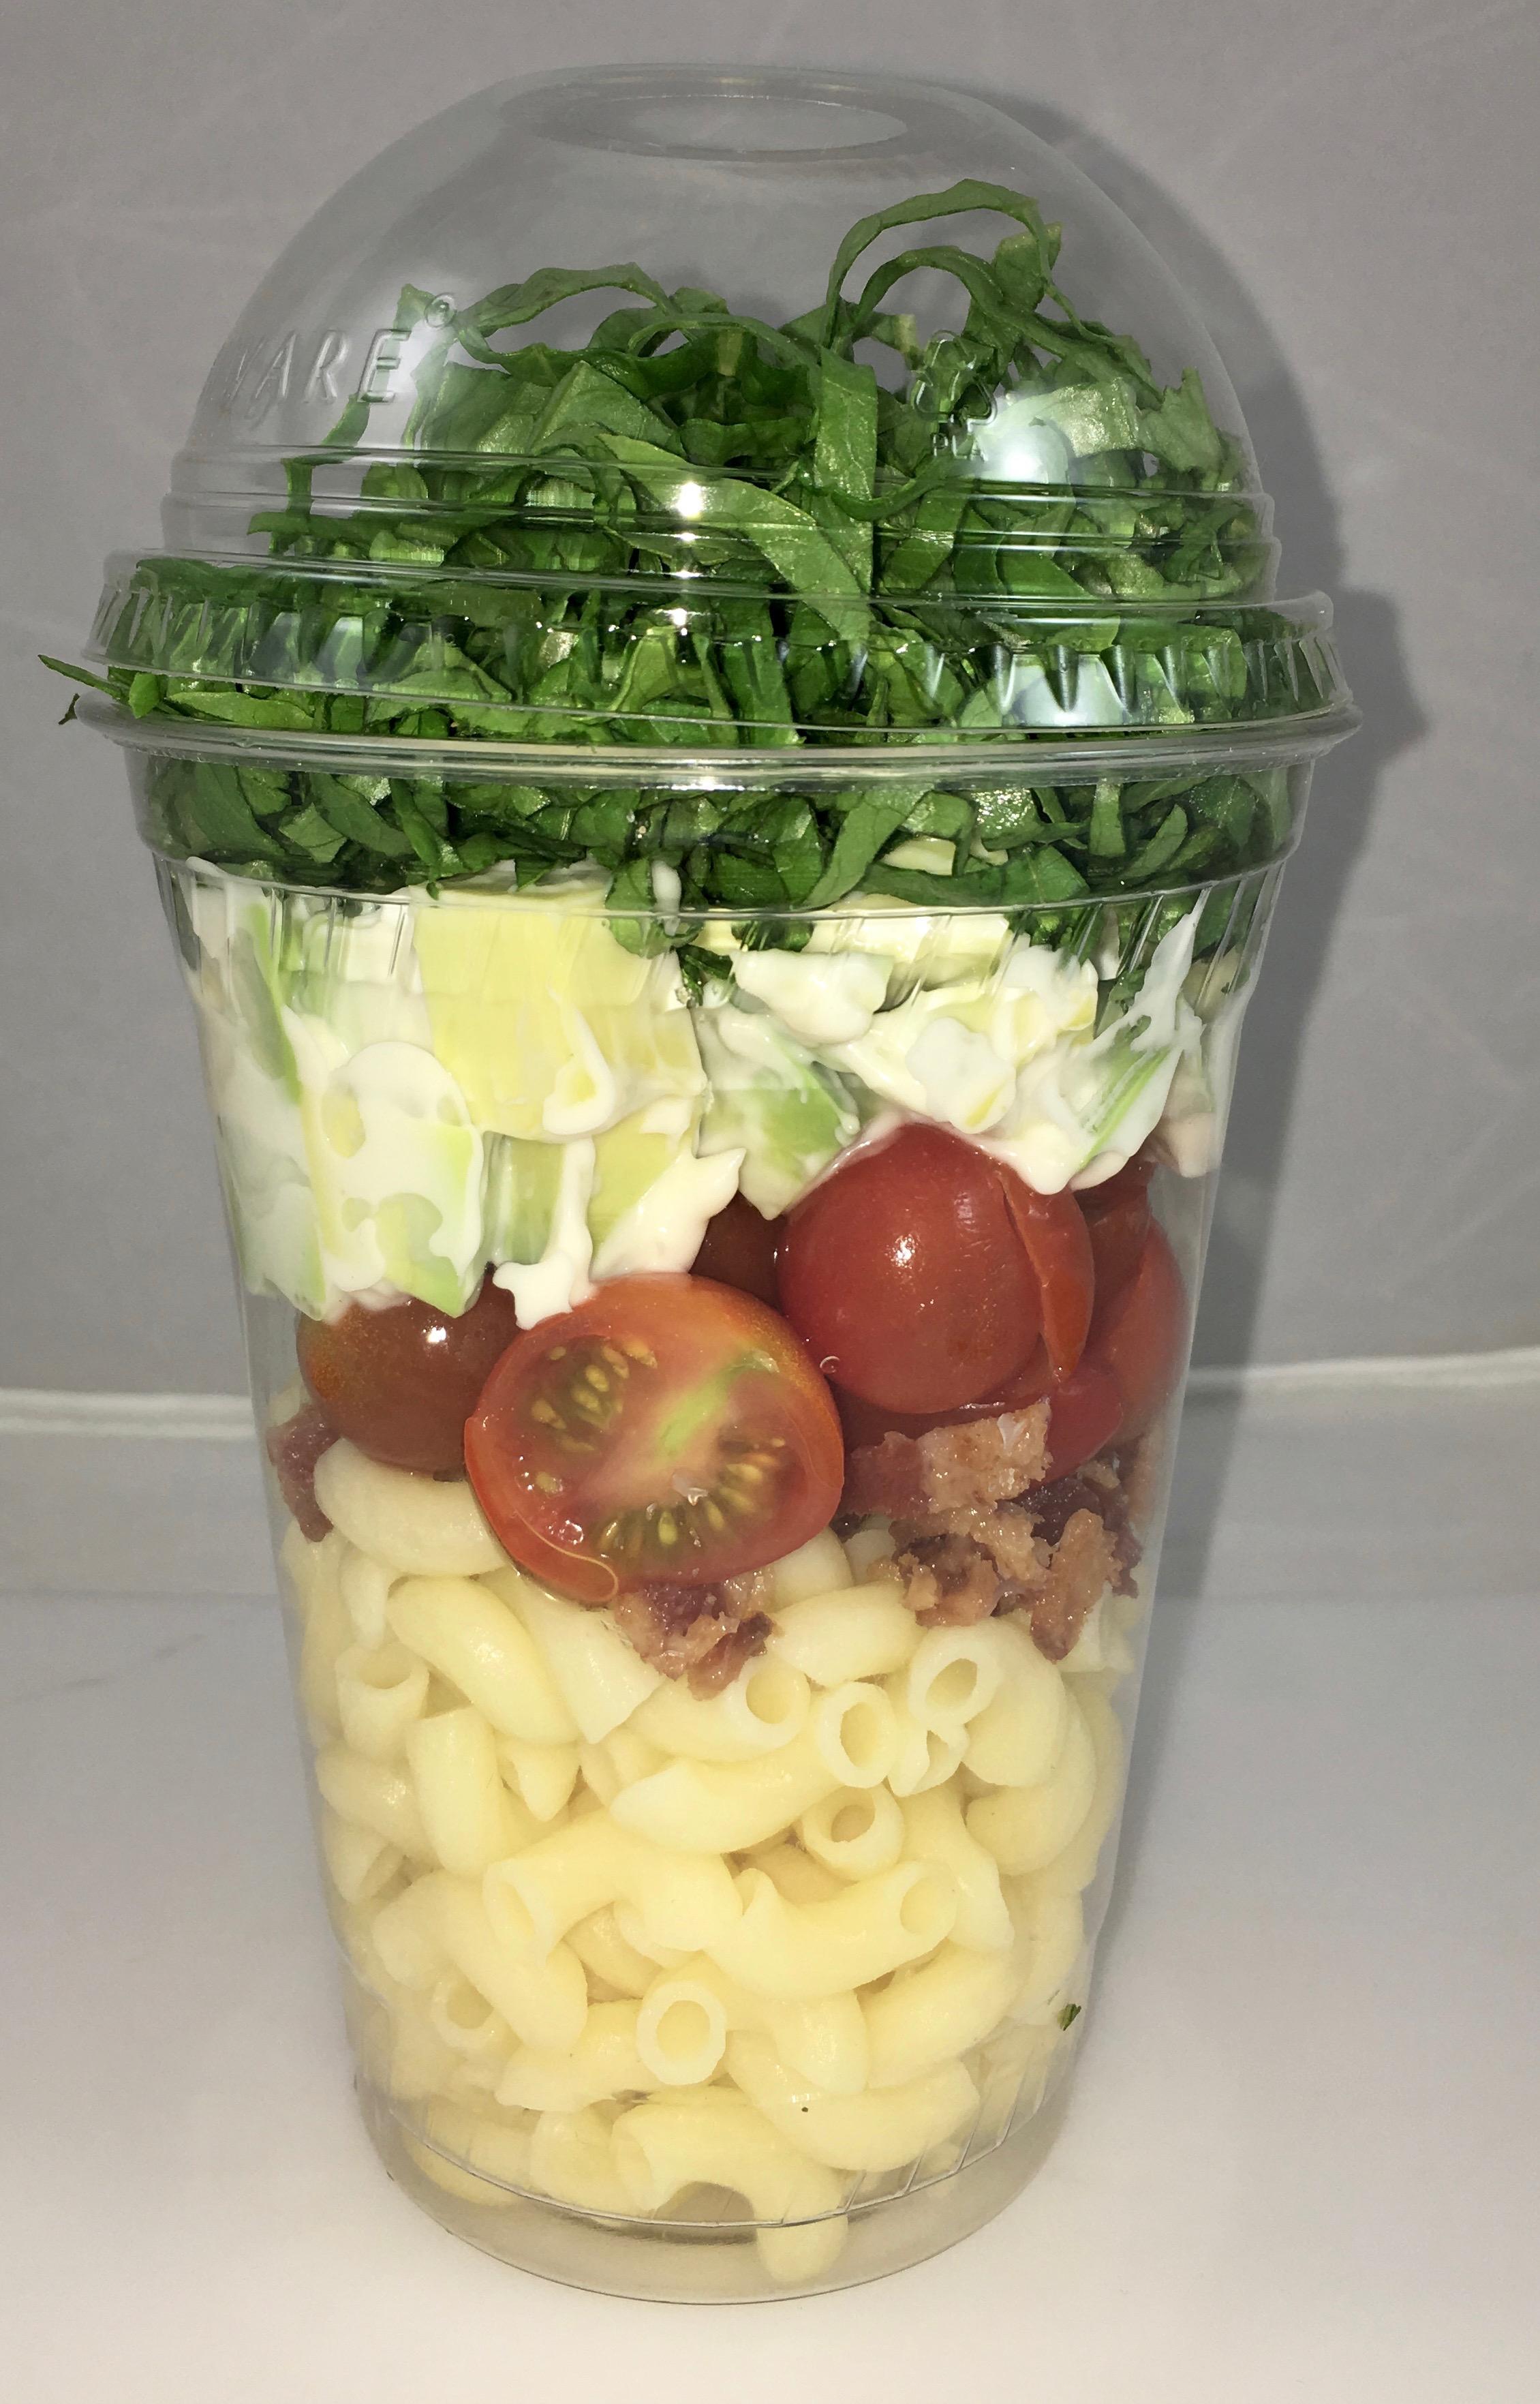 BLTA Gluten Free Pasta Salad Shakers